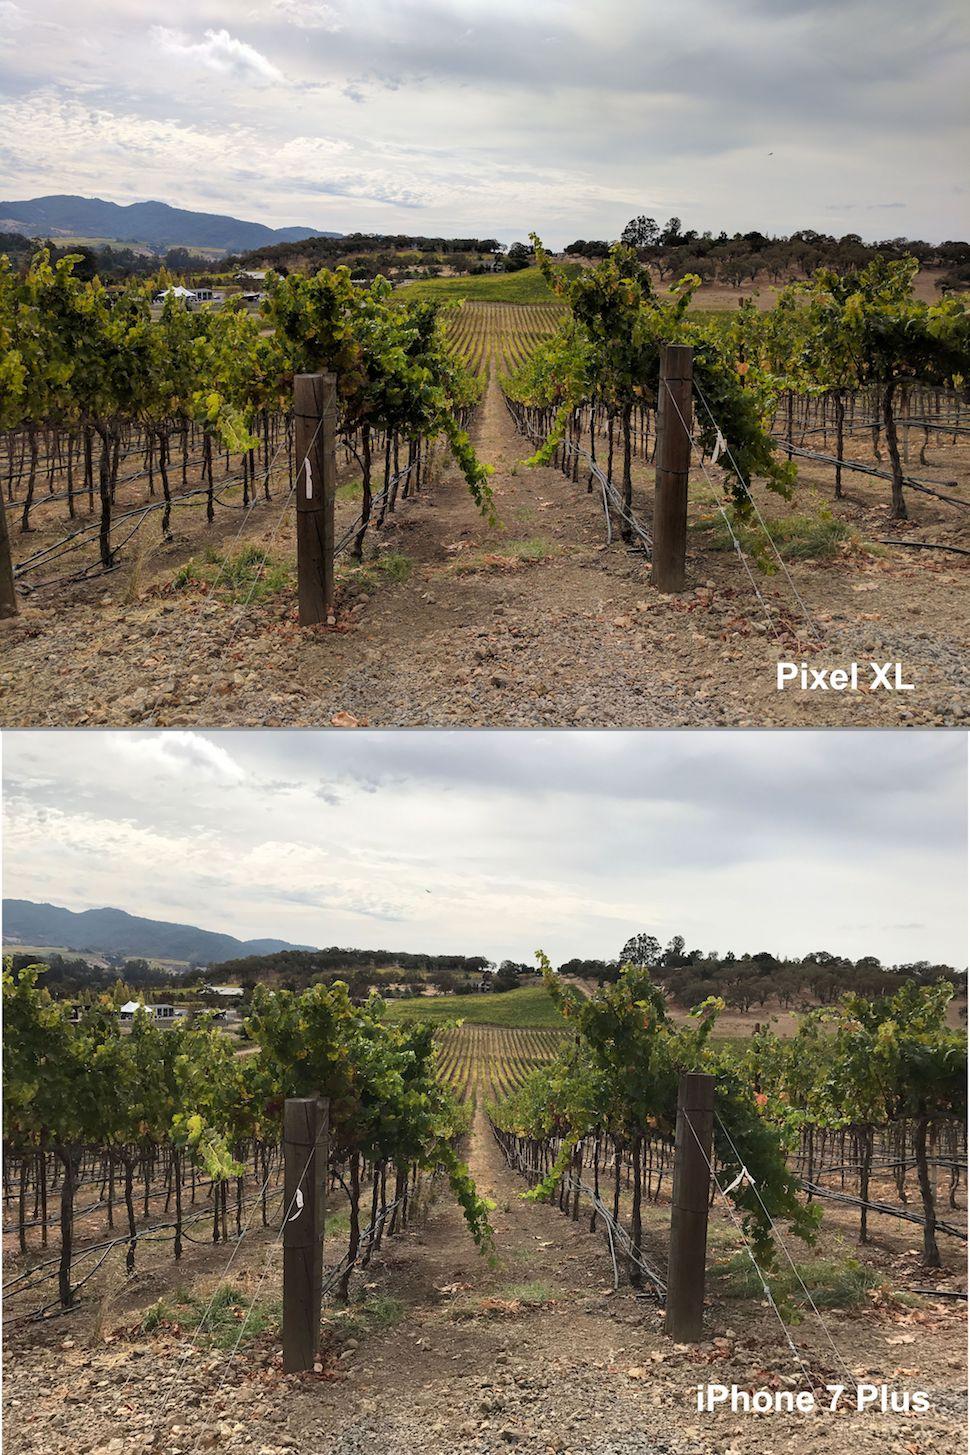 pixel-xl-vs-iphone-7-plus-landscape